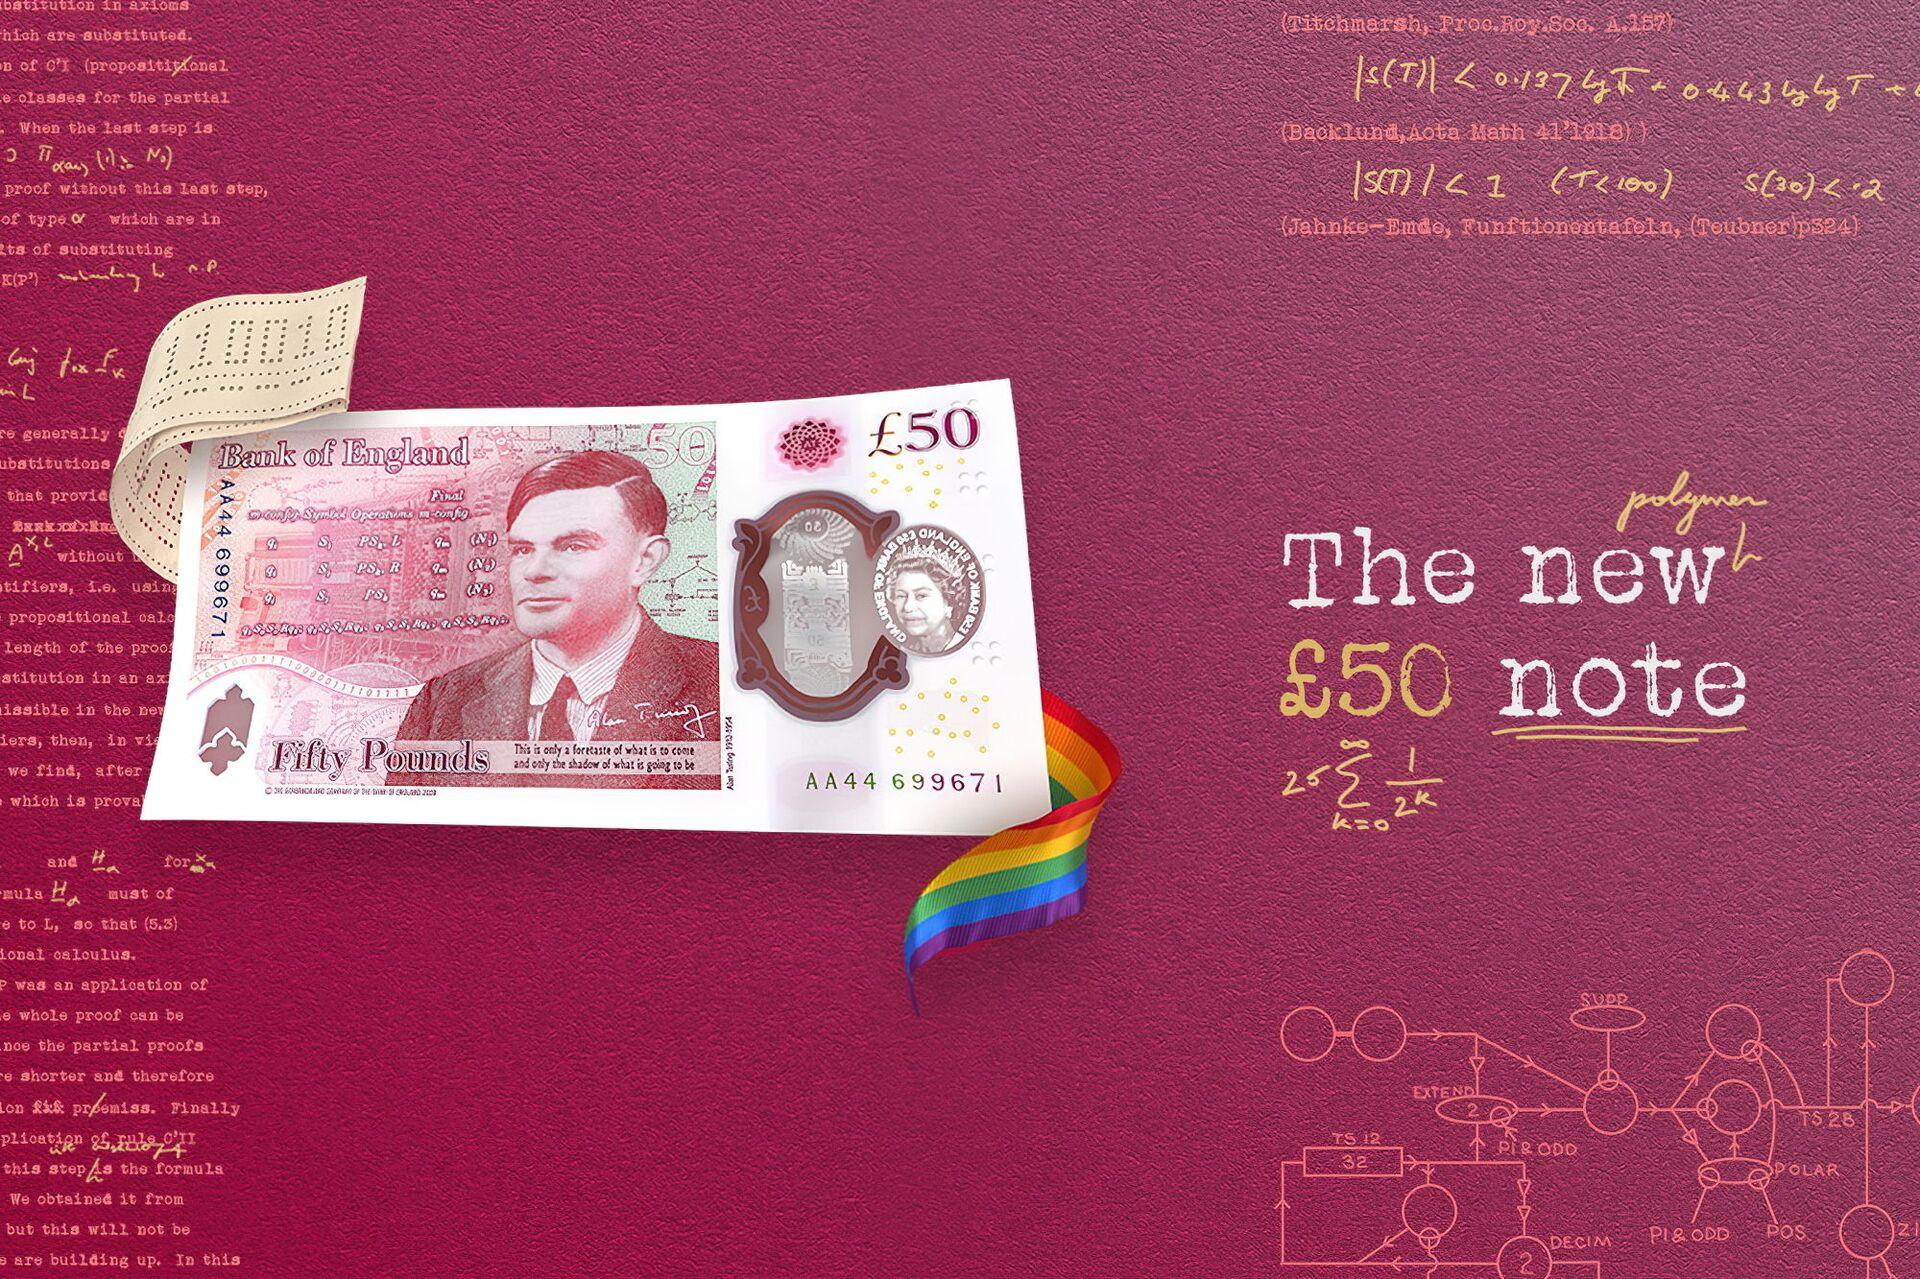 Bank of England představila bankovku 50 liber s portrétem Alana Turinga - Sputnik Česká republika, 1920, 20.04.2021